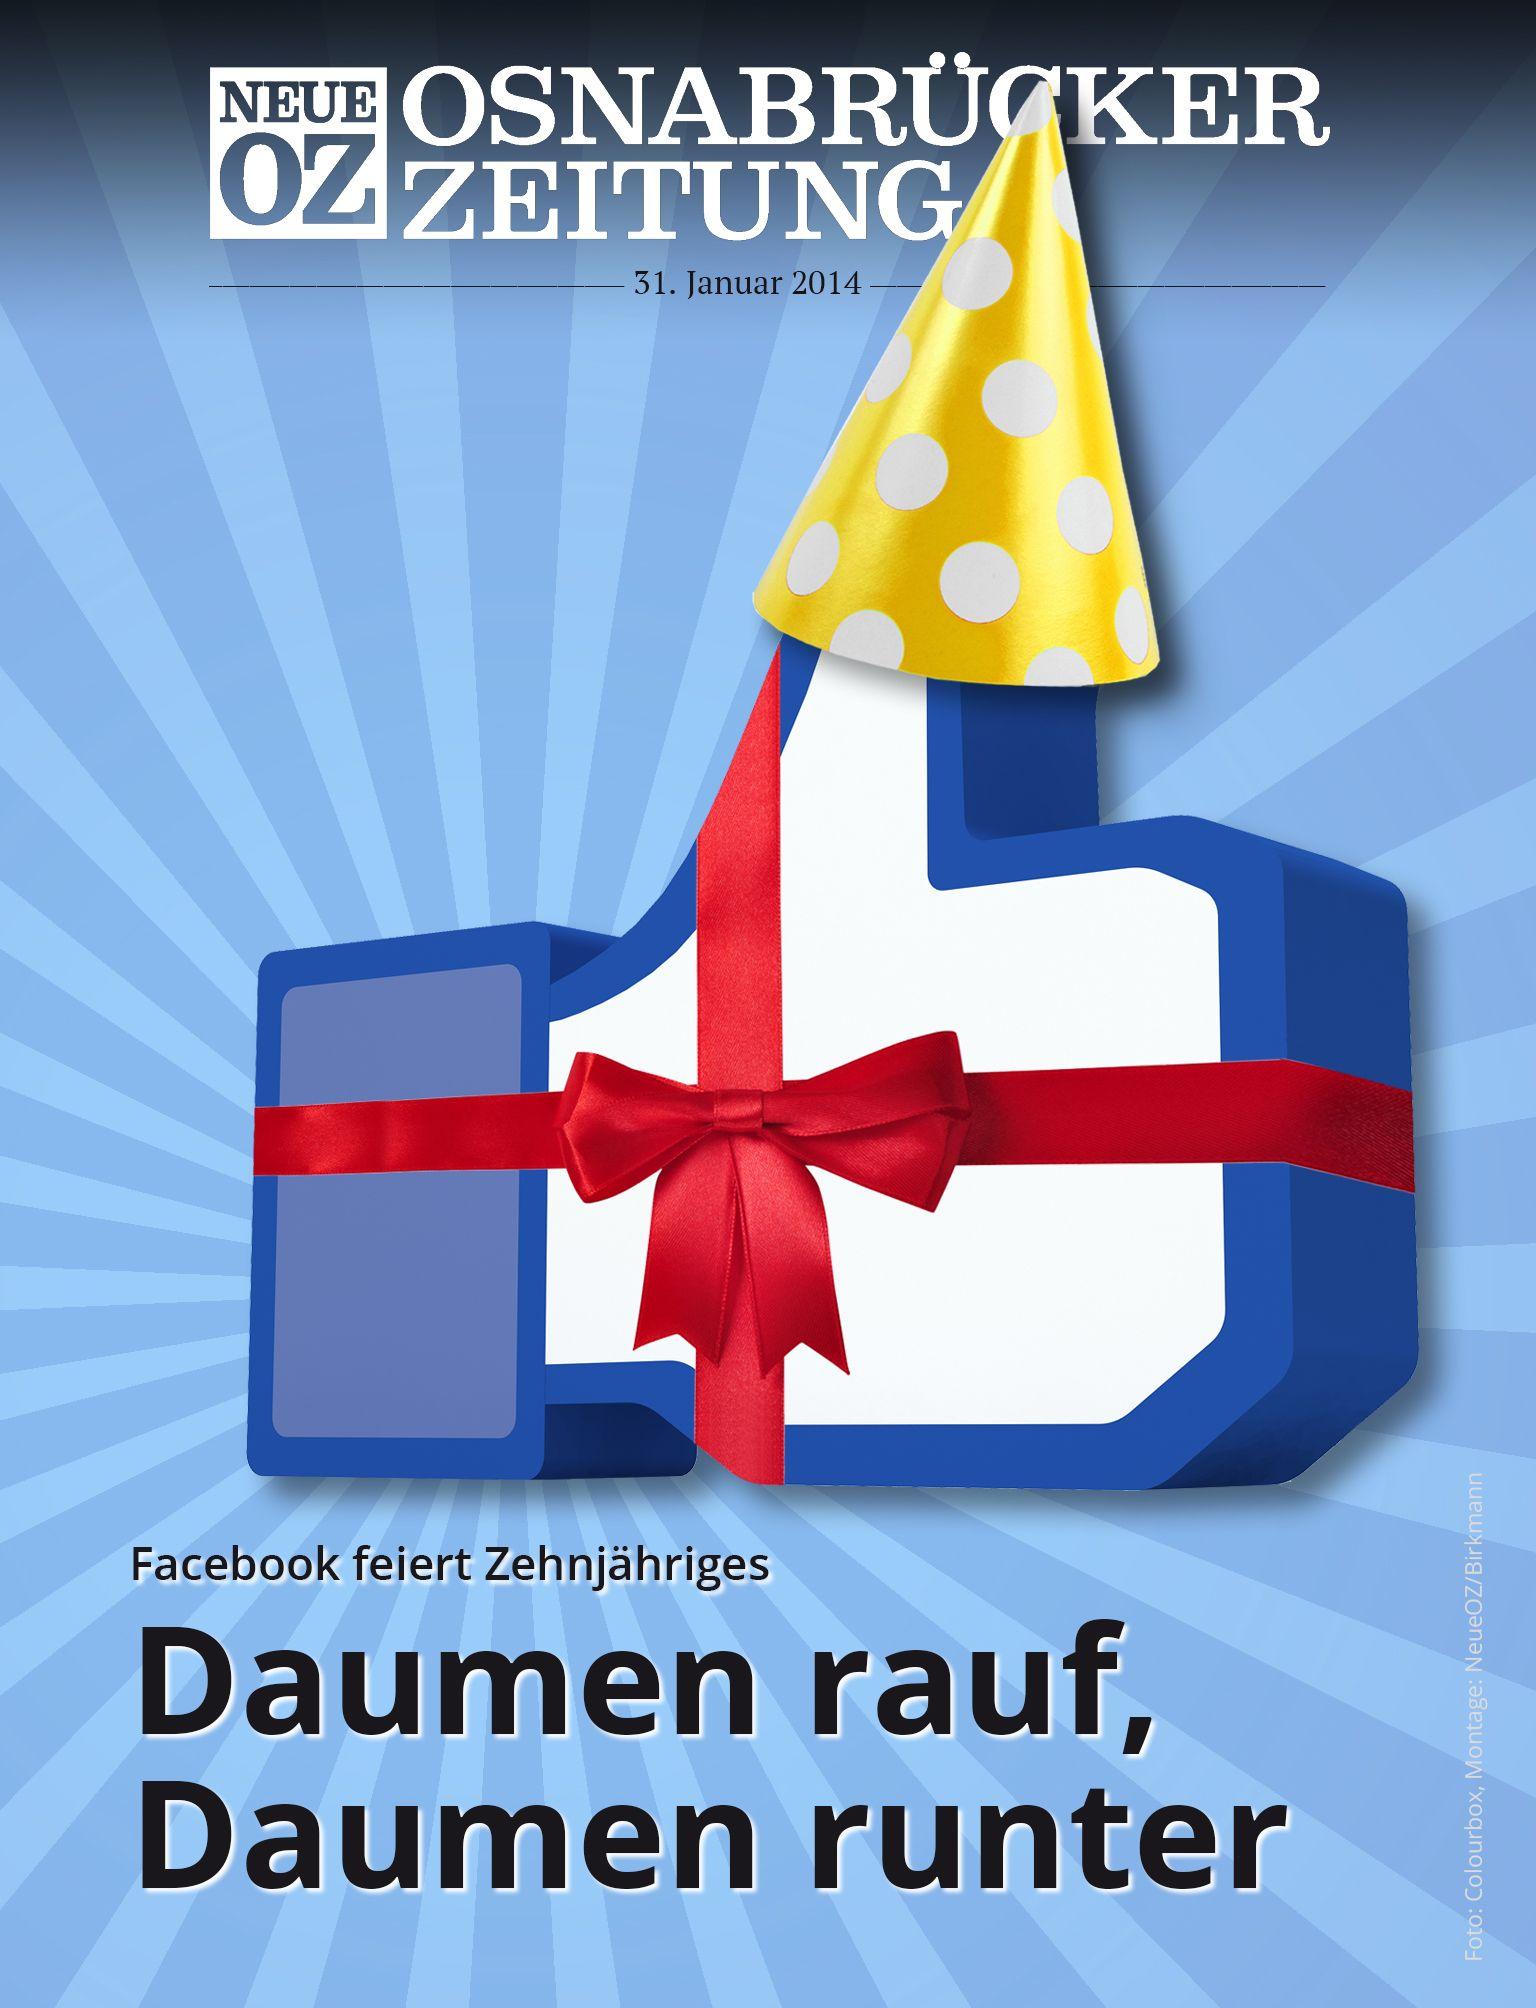 Facebook feiert seinen zehnten Geburtstag. Lesen Sie mehr dazu in unserer Abend-App. Infos unter www.noz.de/abo